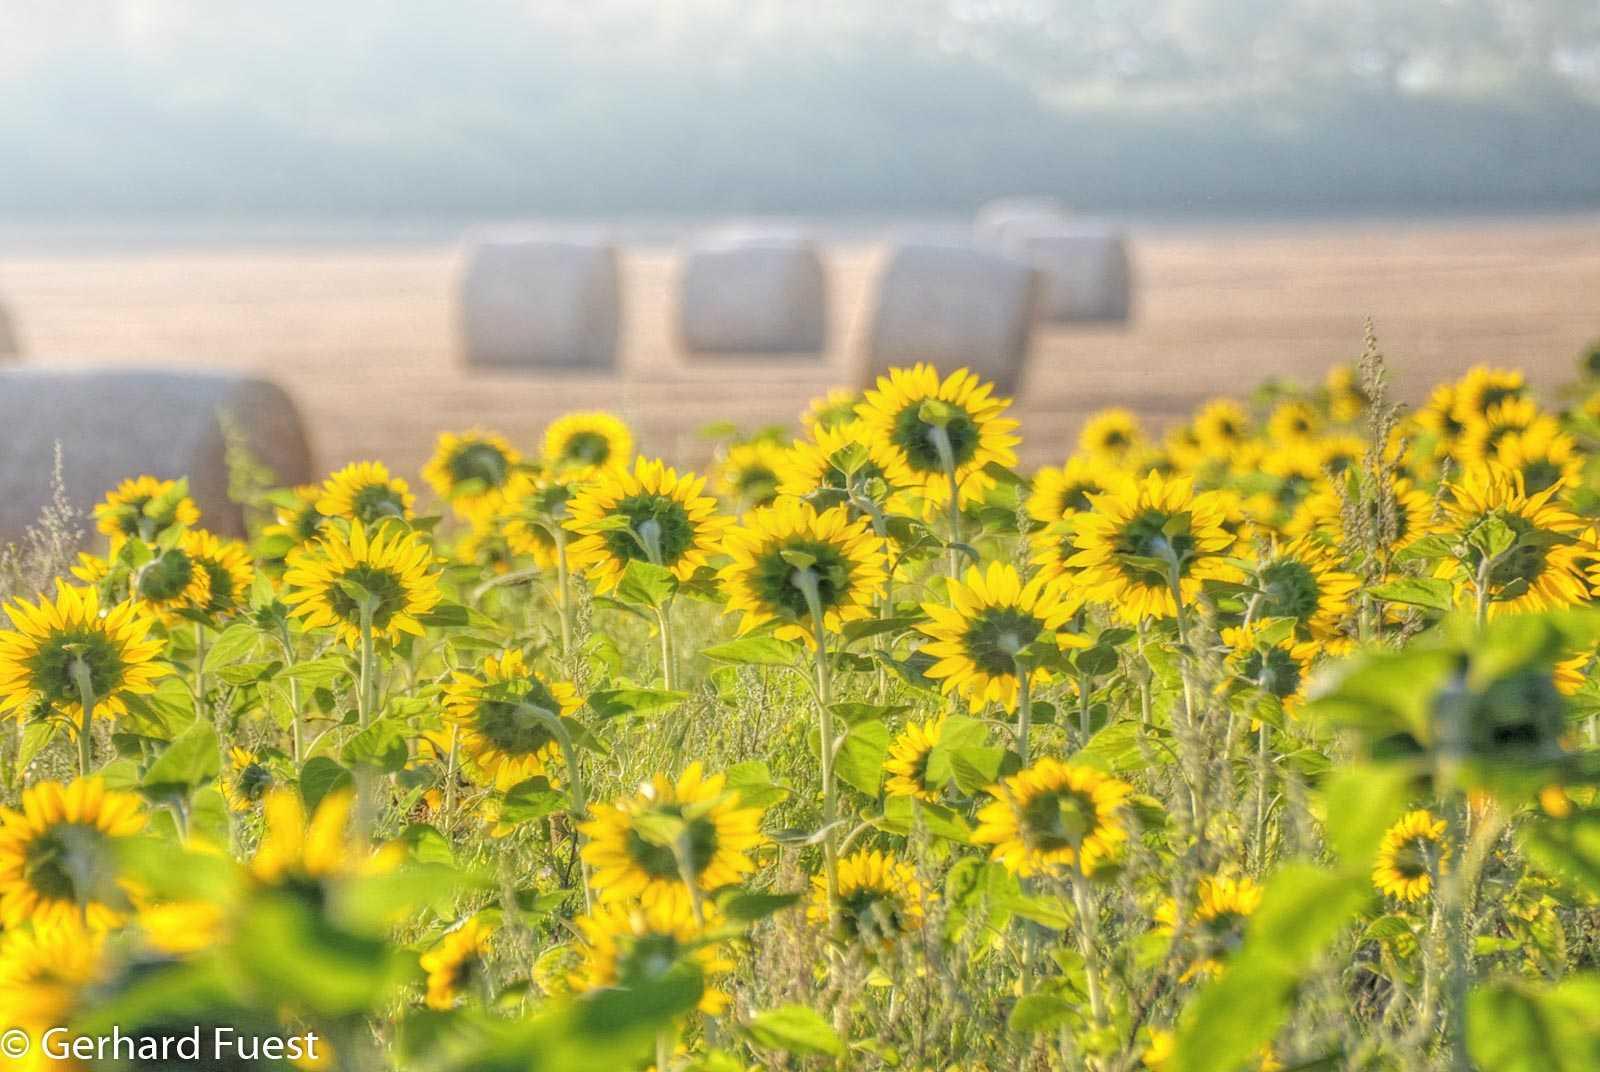 Erwartungsvoll blicken die Sonnenblumen dem anbrechendem Tag entgegen